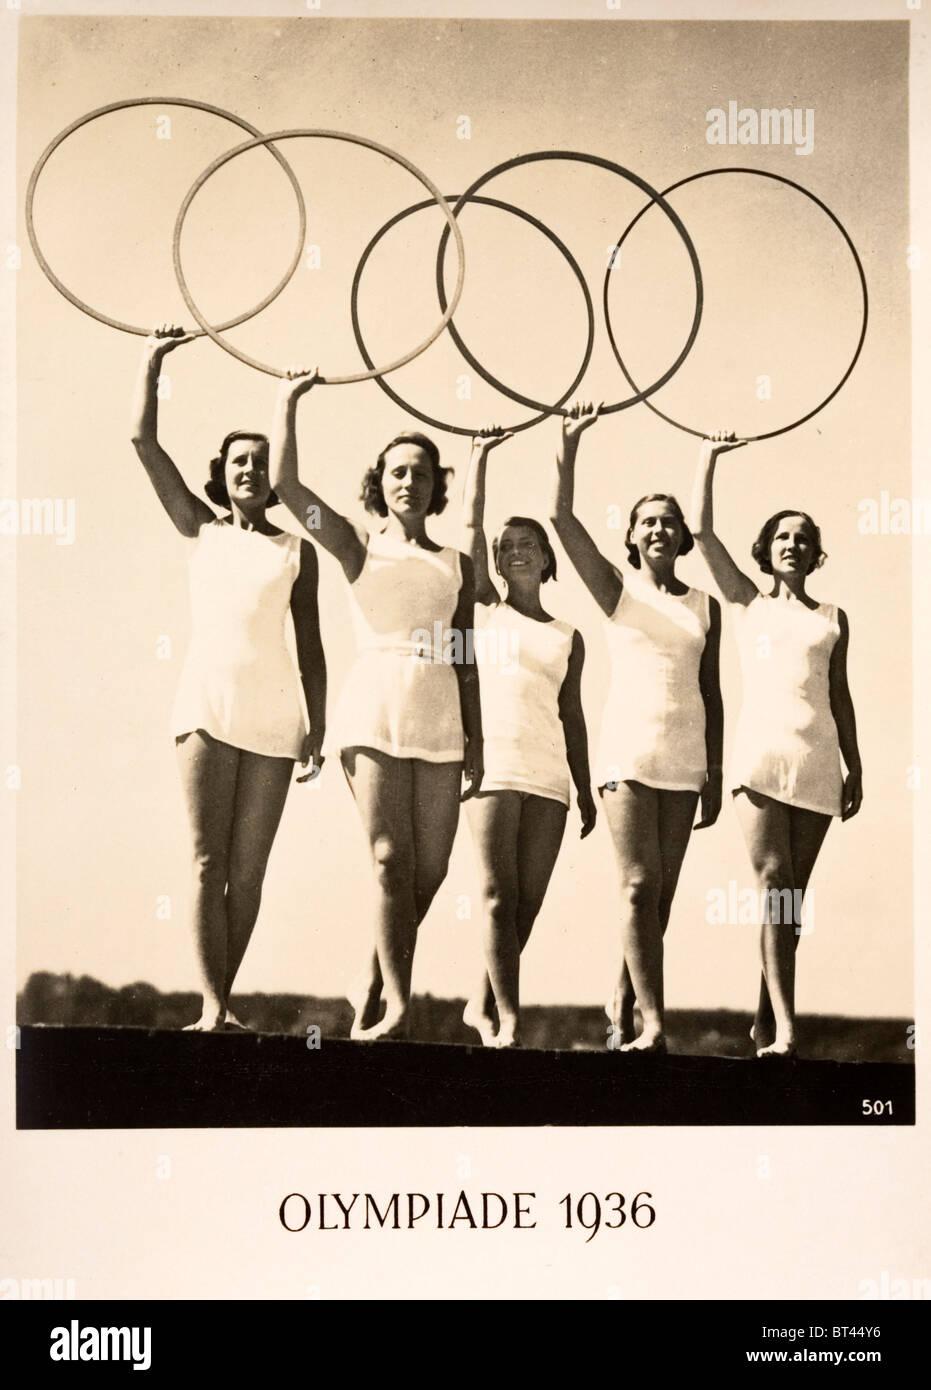 Olympiade 1936. Publicidad postal para los Juegos Olímpicos de Berlín de 1936. Cinco mujeres sosteniendo Imagen De Stock